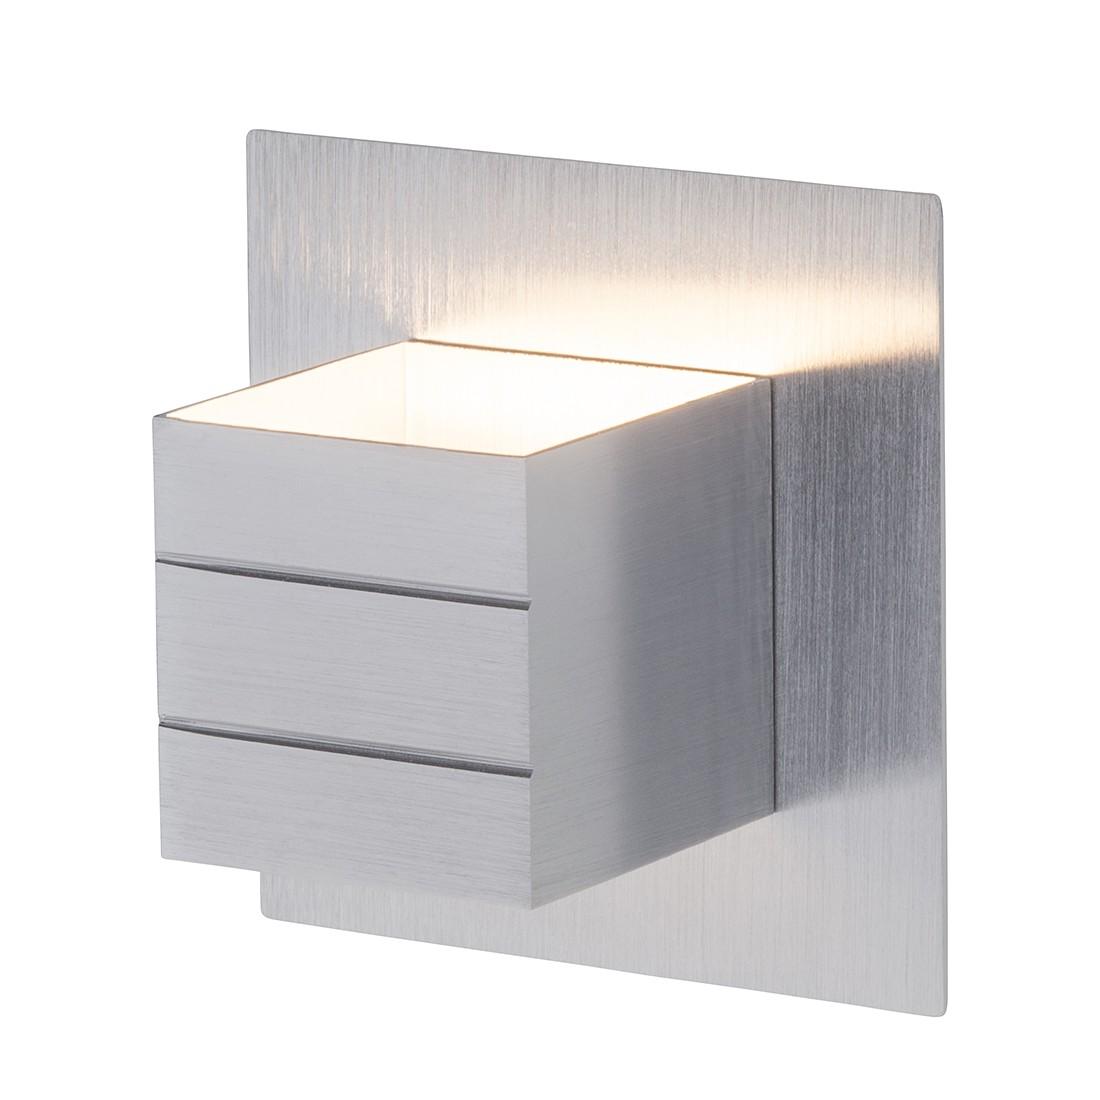 Wandspot Fixed ● Metall ● Silber ● 1-flammig- Brilliant Living A+